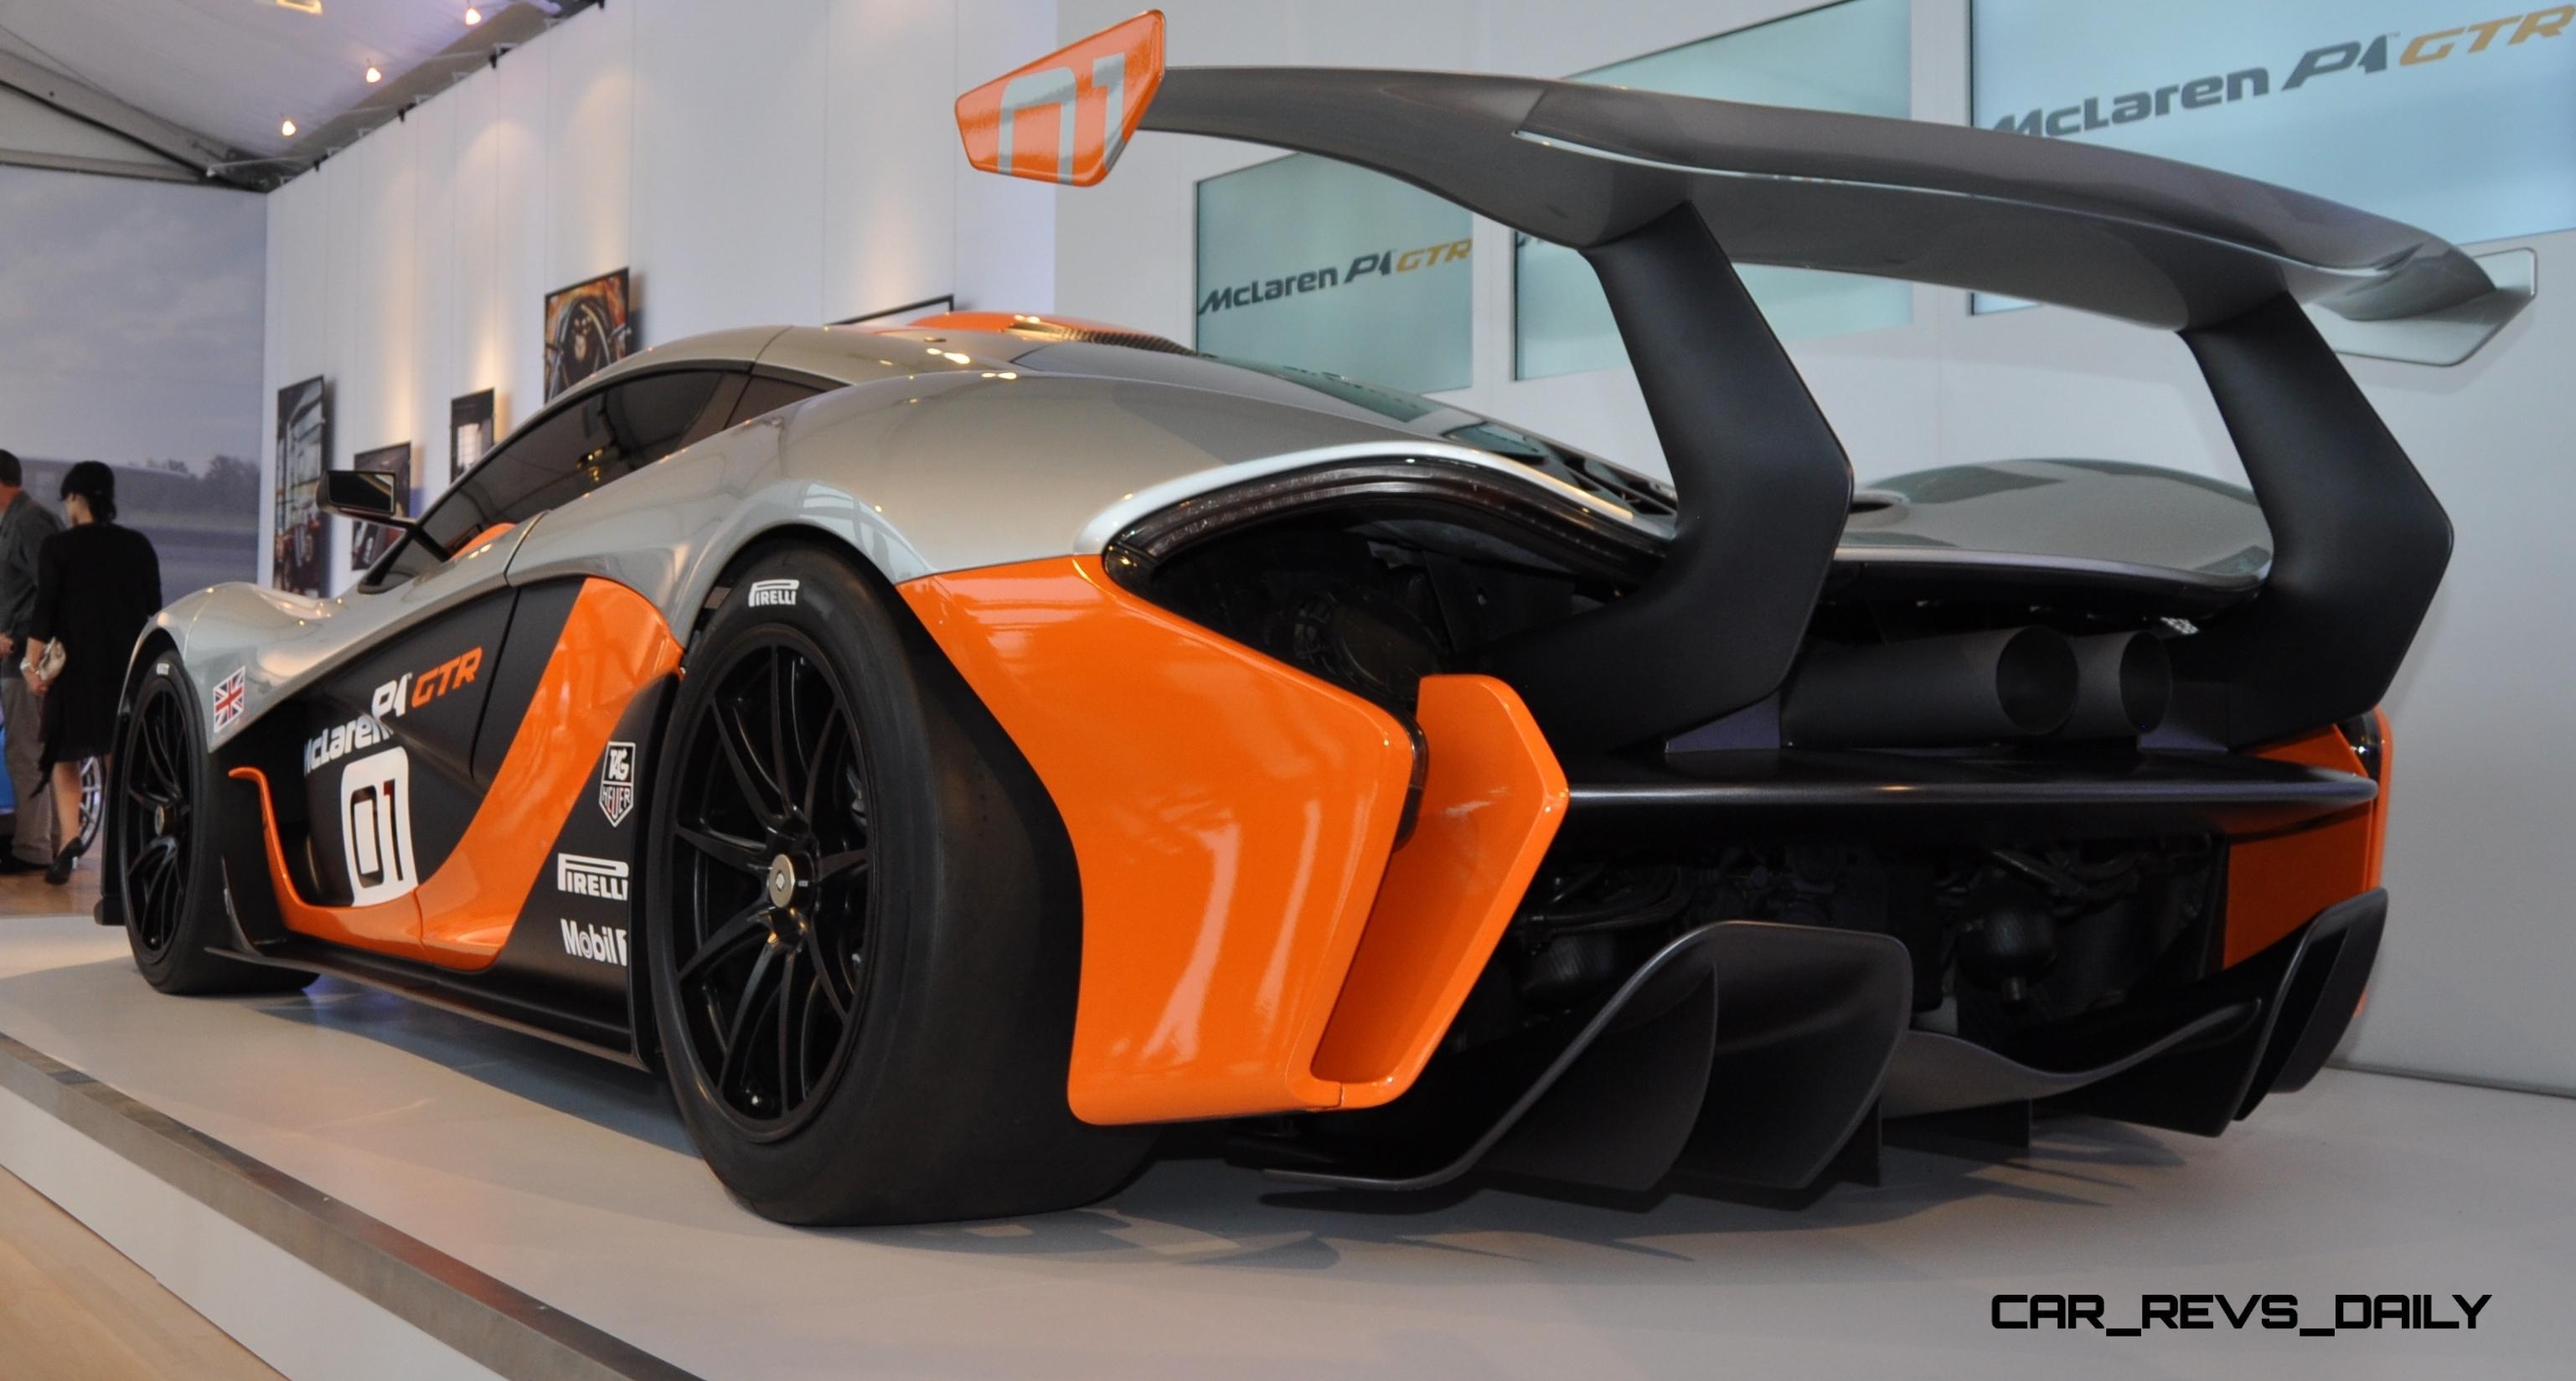 2015 McLaren P1 GTR - Pebble Beach World Debut in 55 High-Res Photos 45